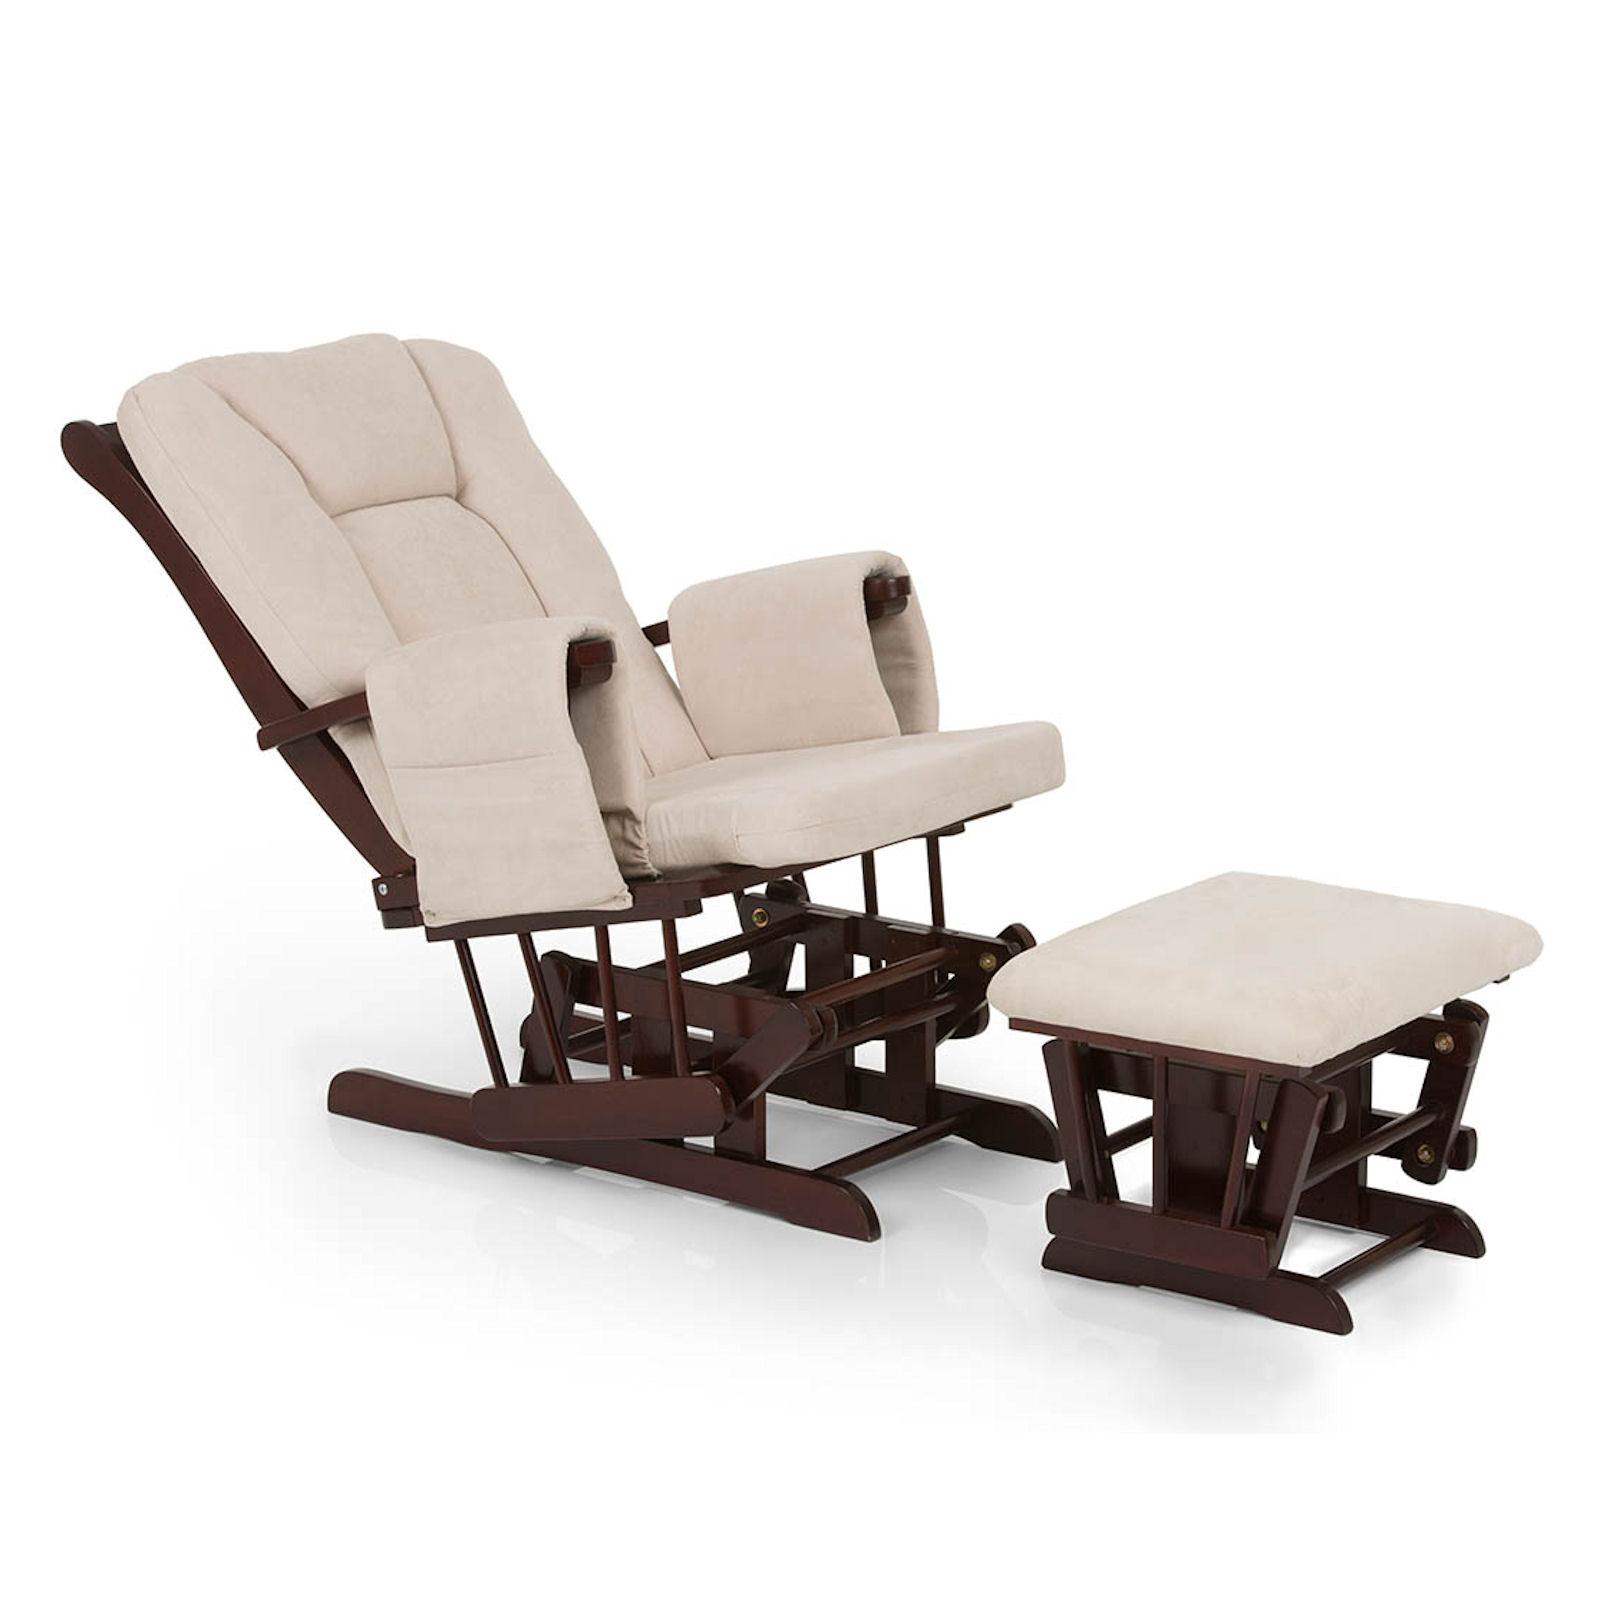 Hauck Glider Deluxe Recline Nursing Chair & Stool Walnut Beige